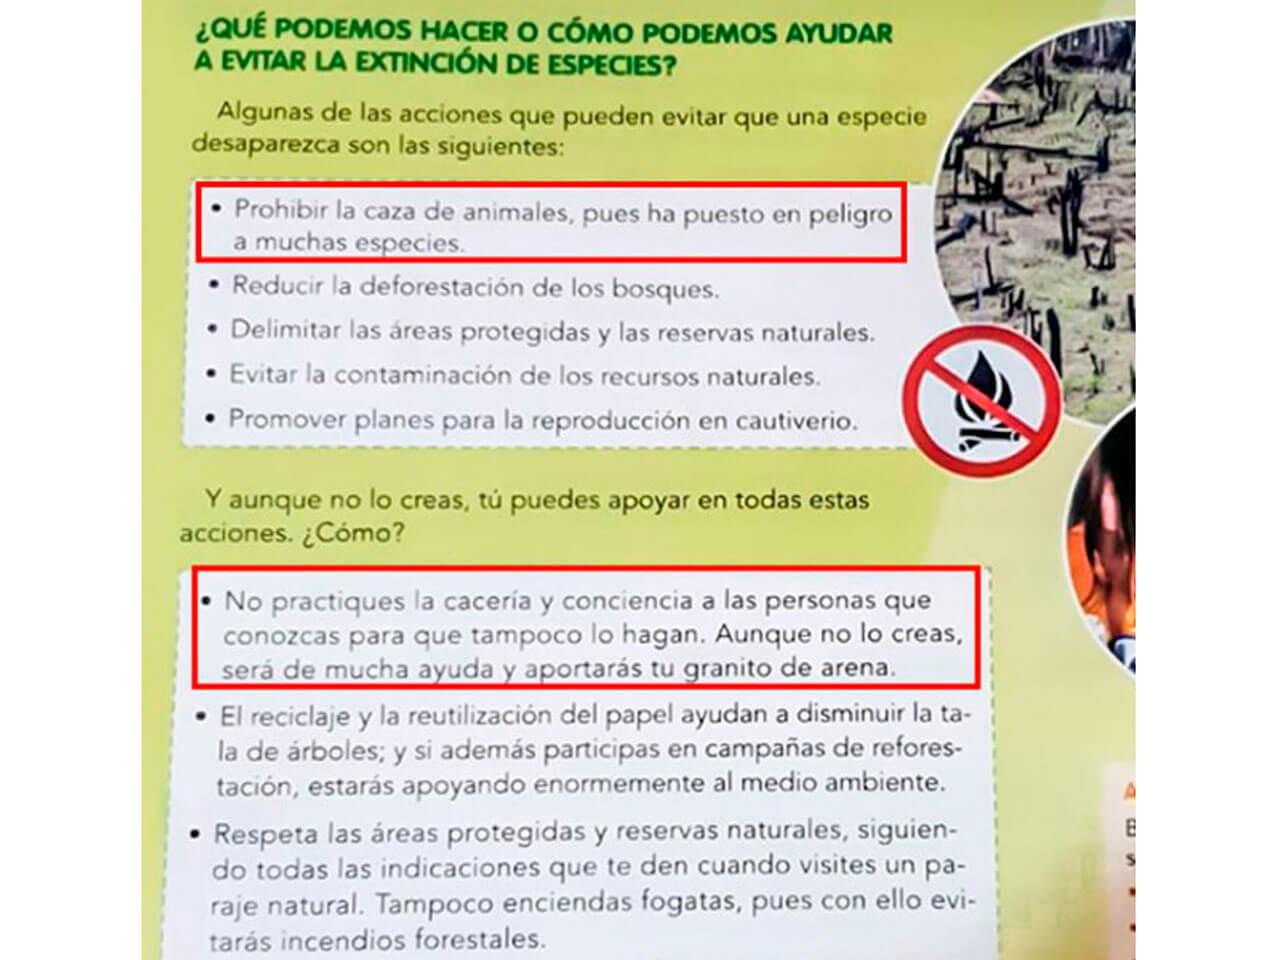 La RFEC exige rectificación a Editorial Vicens Vives